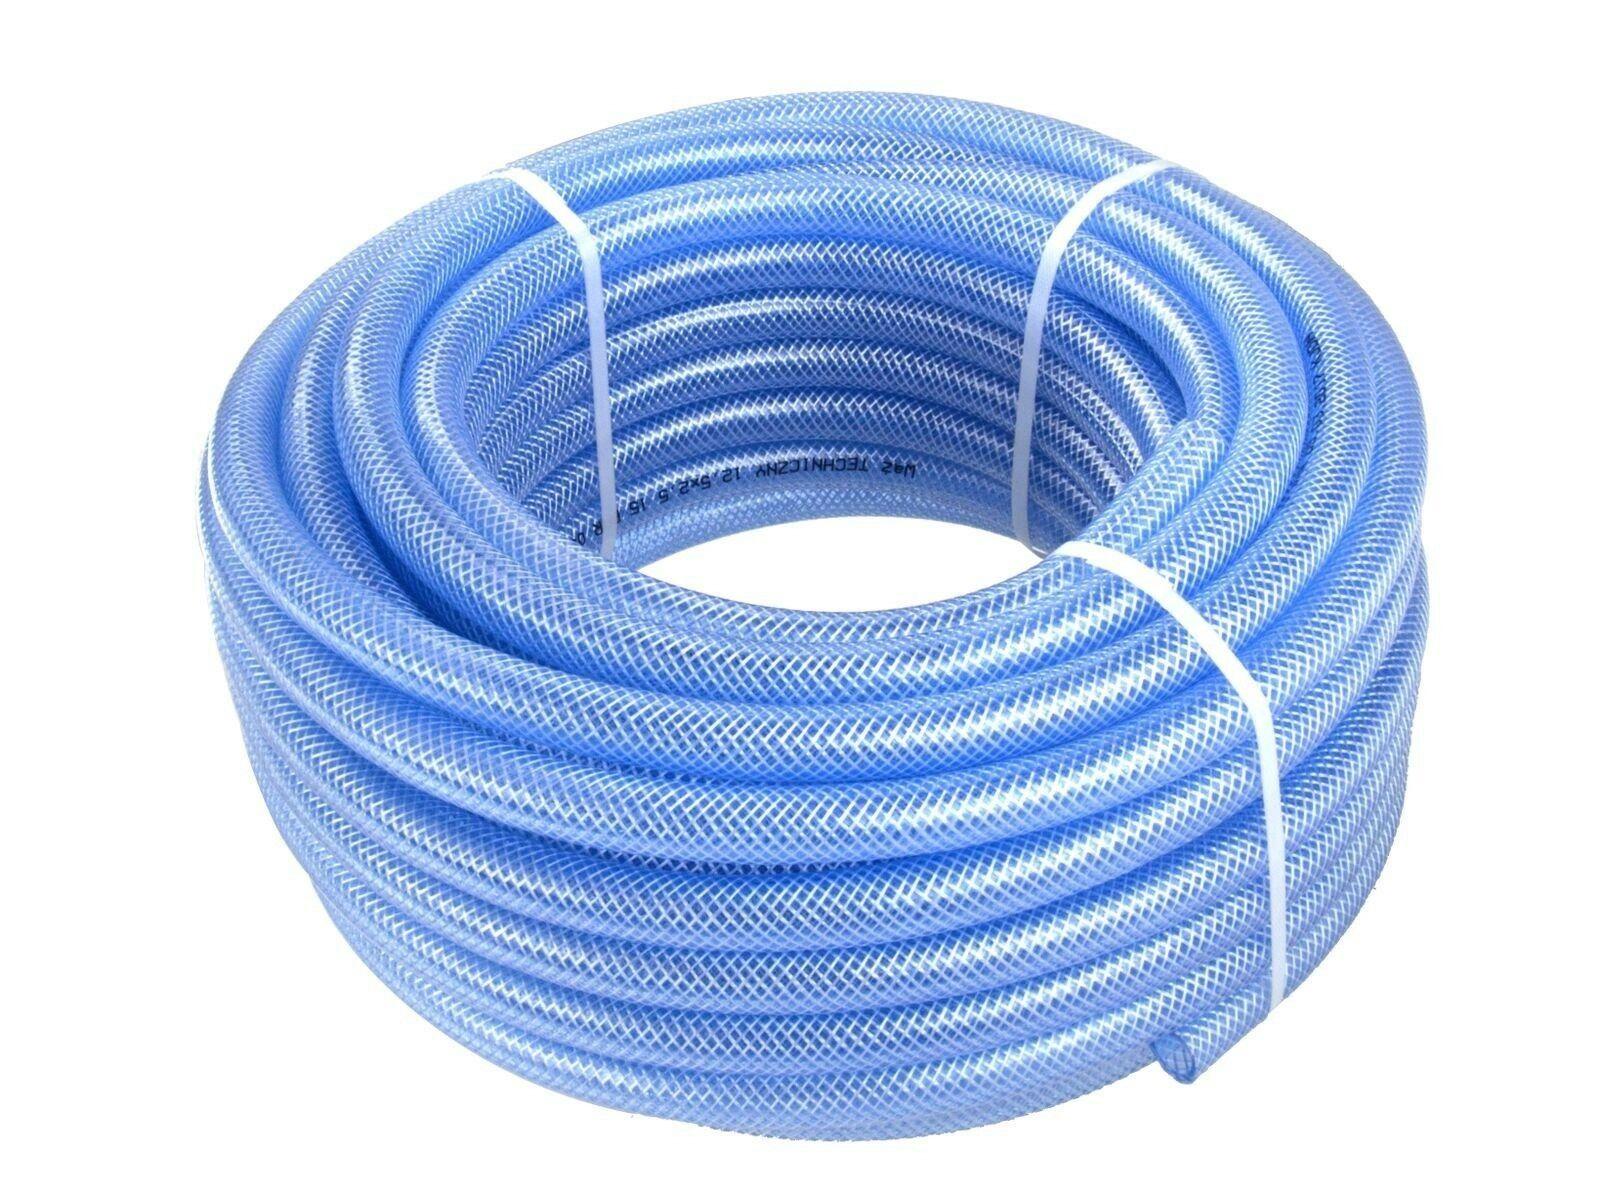 Hadice zesílená modrá, 10x2,5 mm, 50 m, GEKO